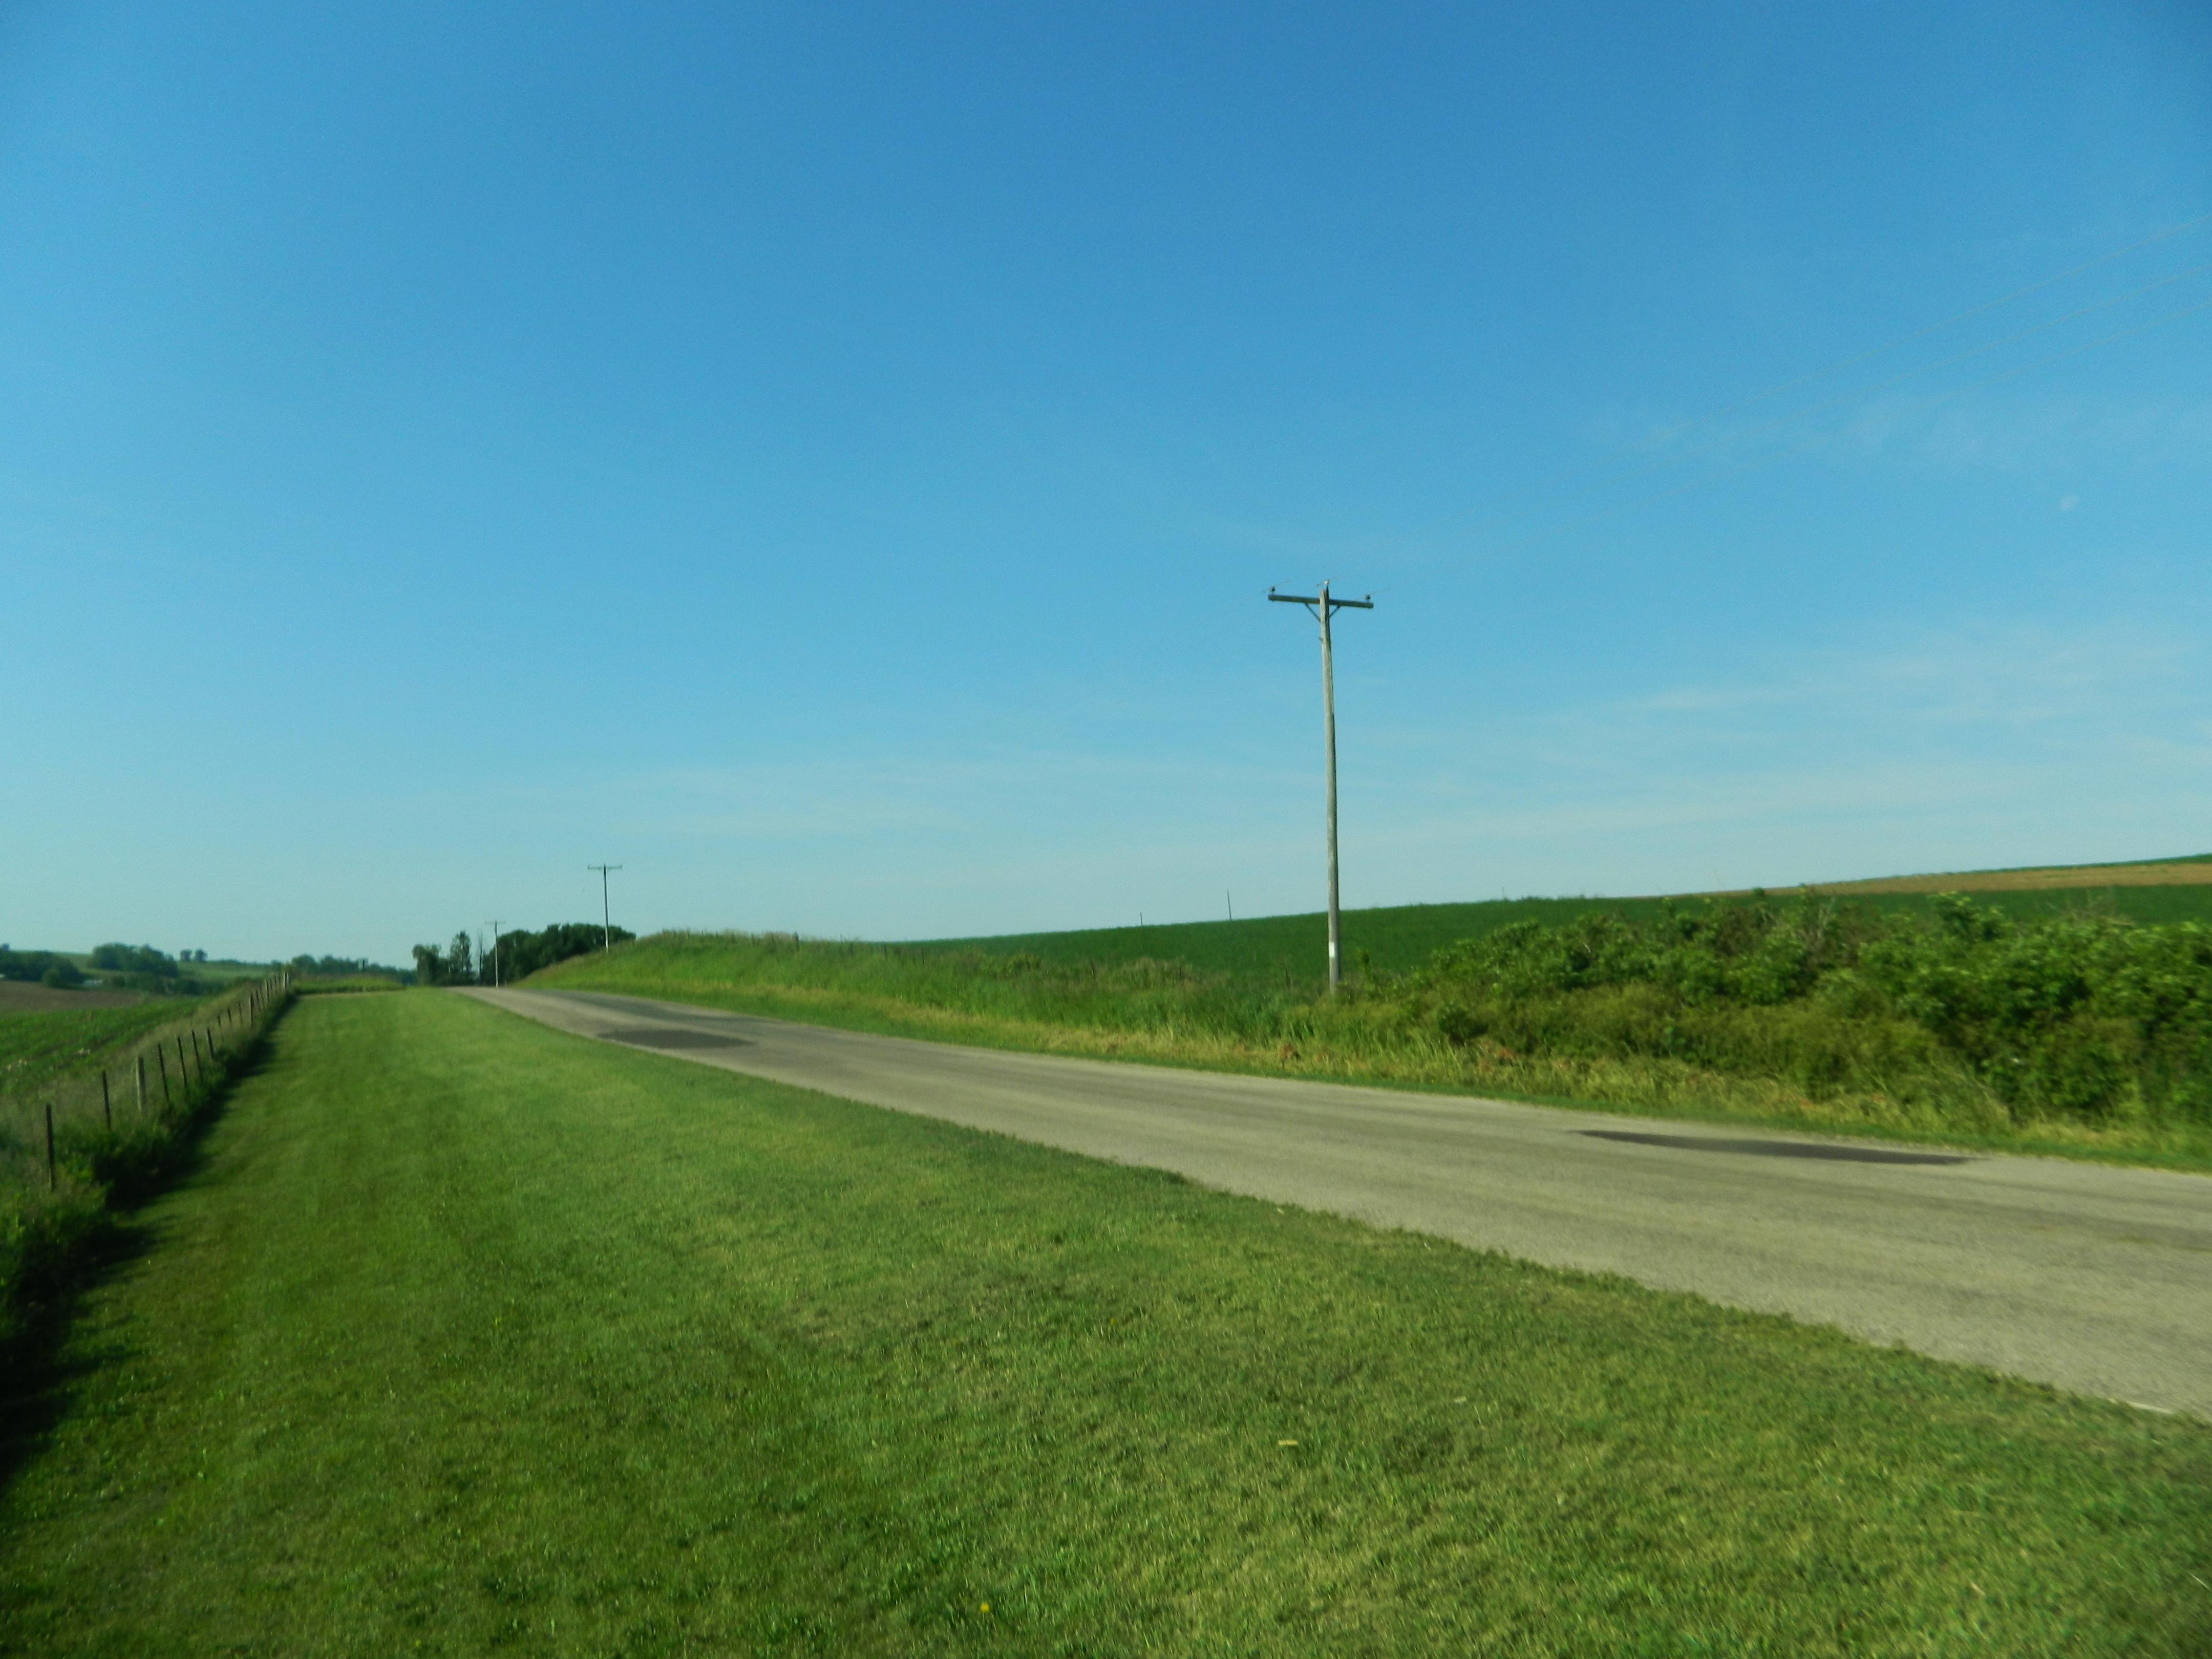 Cesta lahko preseka zemljišče, vir: derekjohnson05.files.wordpress.com